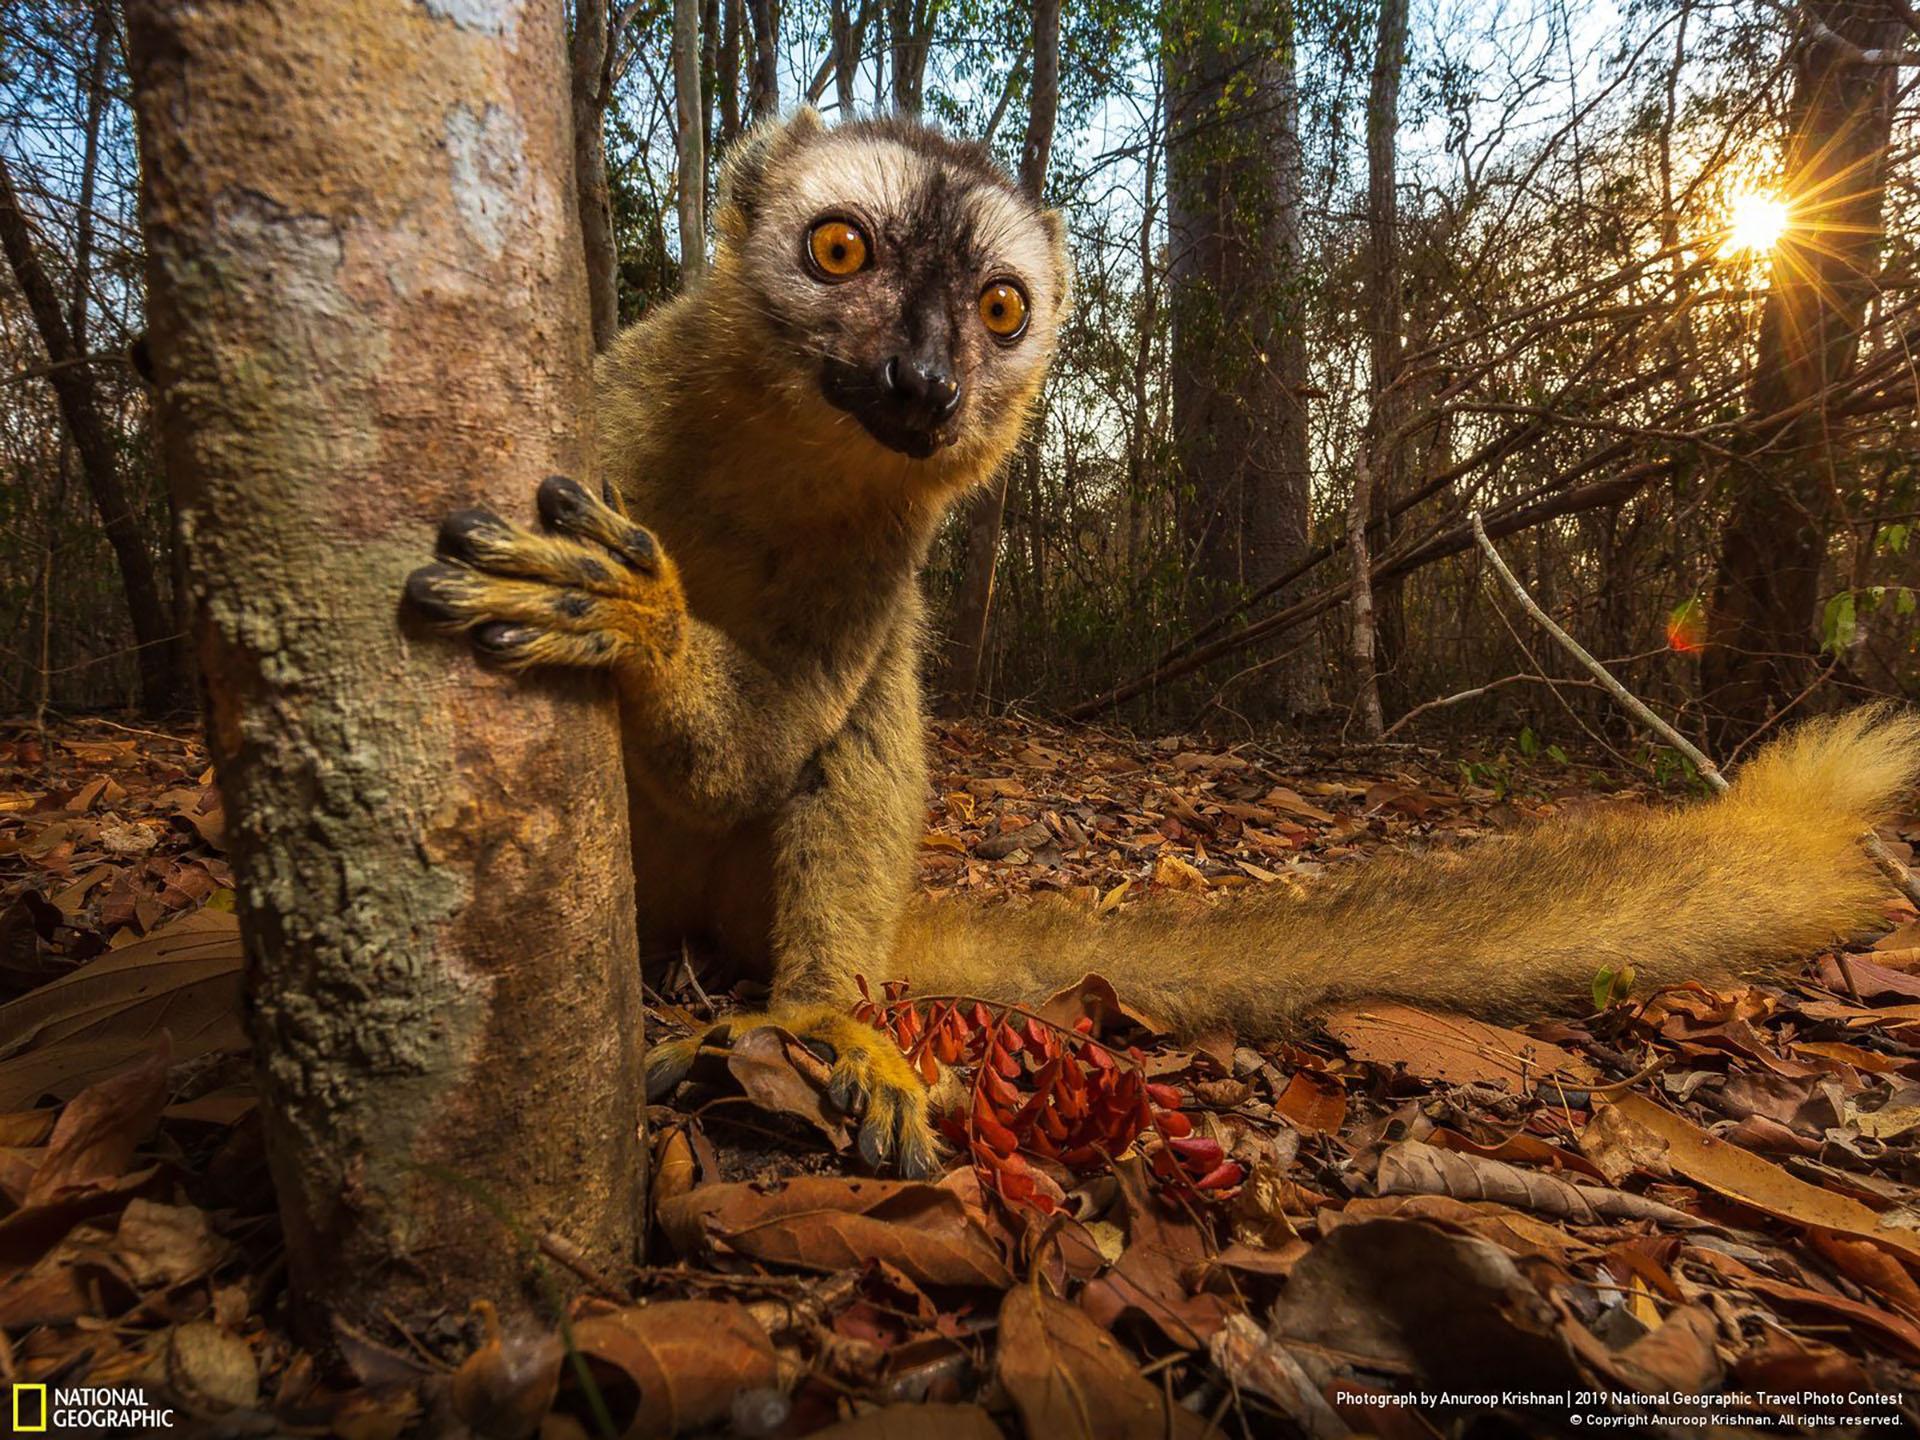 """""""Lémur marrón de frente roja, Madagascar"""", por Anuroop Krishnan: """"Aunque los lémures son endémicos de la isla de Madagascar, incluso dentro de la isla existen diversos hábitats que albergan varias especies de lémures. El lémur marrón de frente roja se encuentra en la parte suroeste de la isla, en sus bosques secos de tierras bajas. Se alimenta principalmente de frutos, hojas y flores, dejando a menudo la comodidad de los árboles para buscar semillas"""". (""""Red Fronted Brown Lemur, Madagascar"""" / 2019 National Geographic Travel Photo Contest / Categoría:Gente)"""